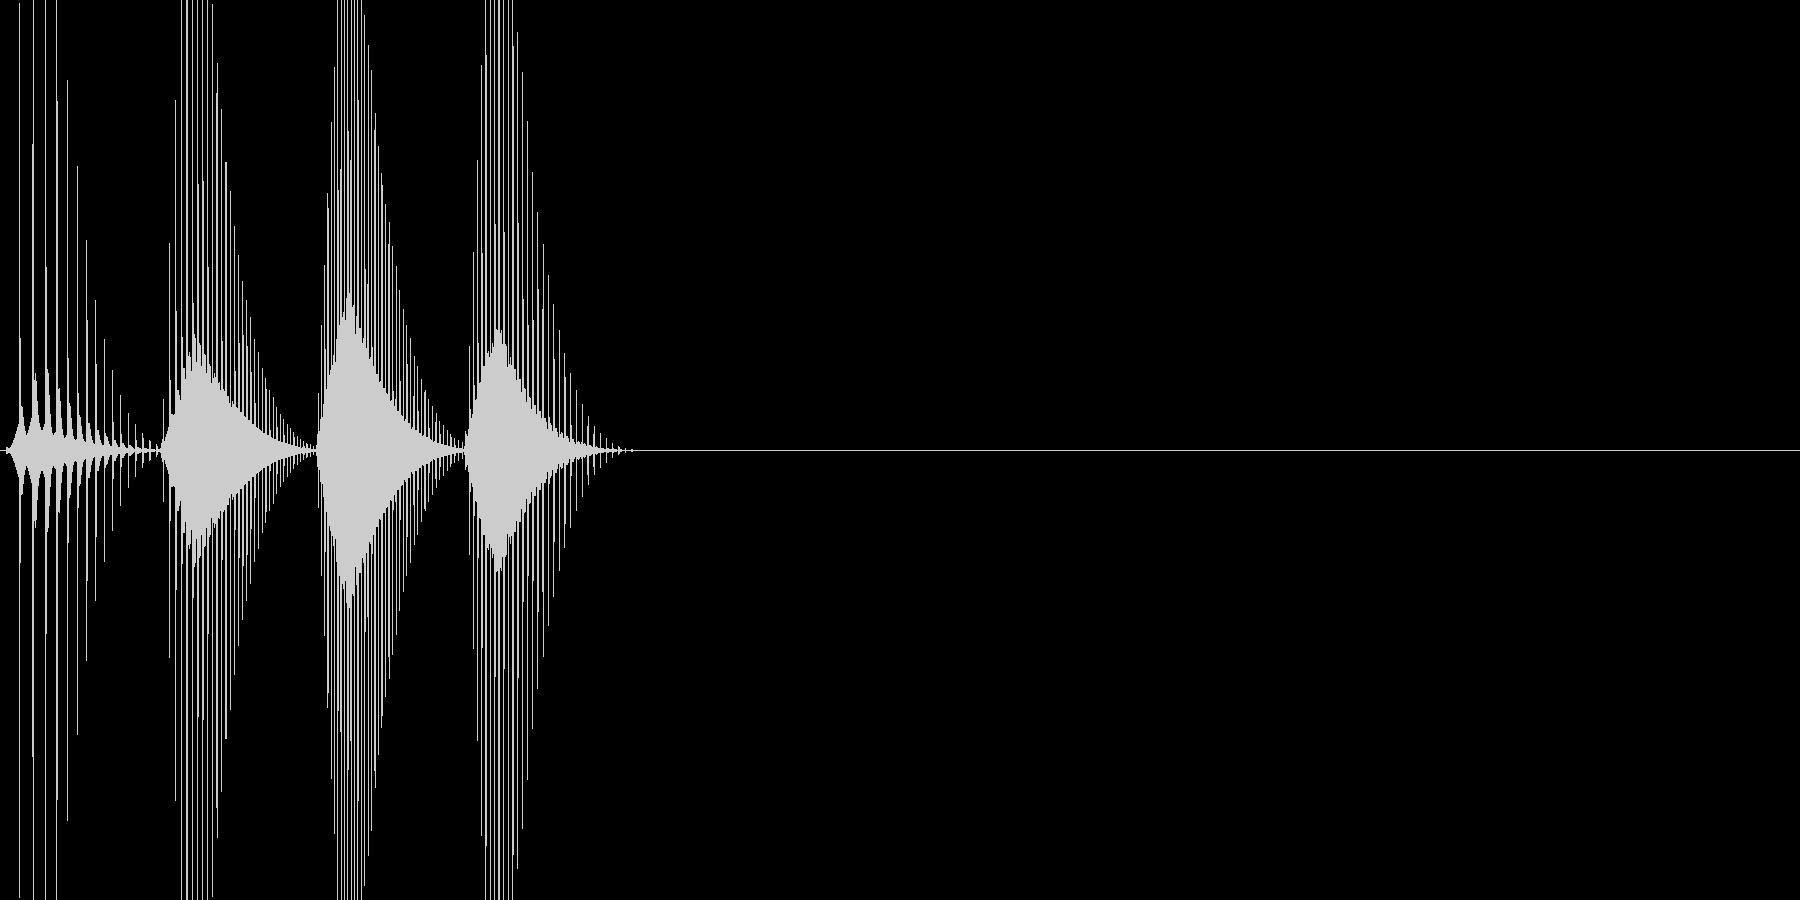 ボタン・キャンセル・操作音・決定音の未再生の波形